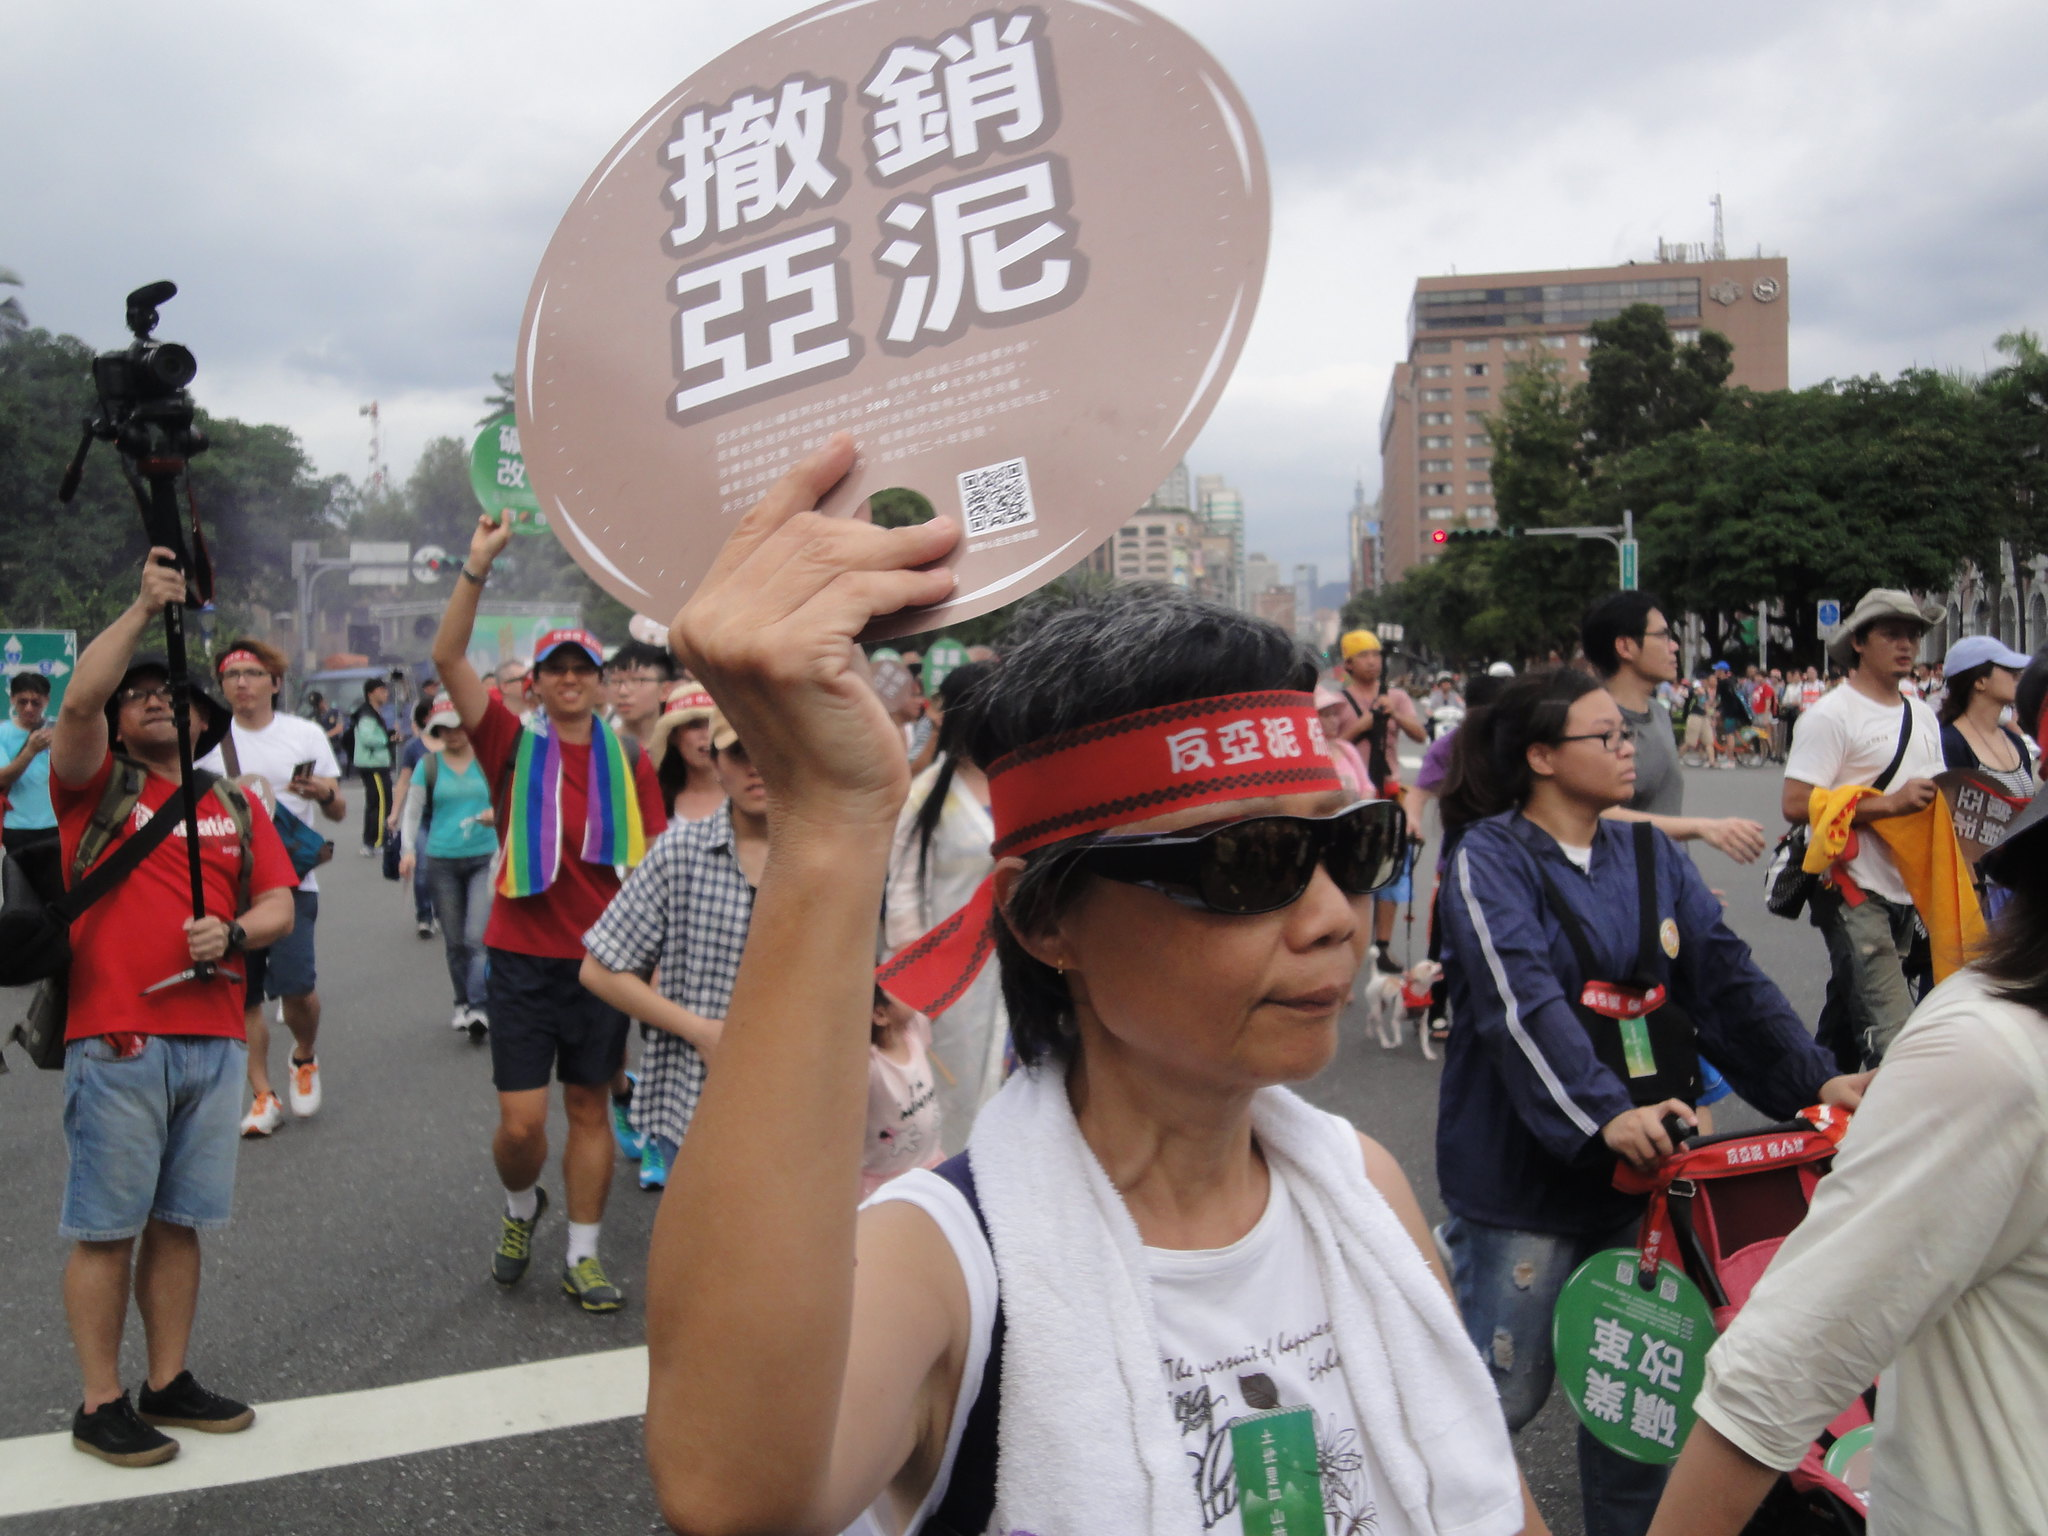 今日有上千名民眾參與反亞泥遊行。(攝影:張智琦)